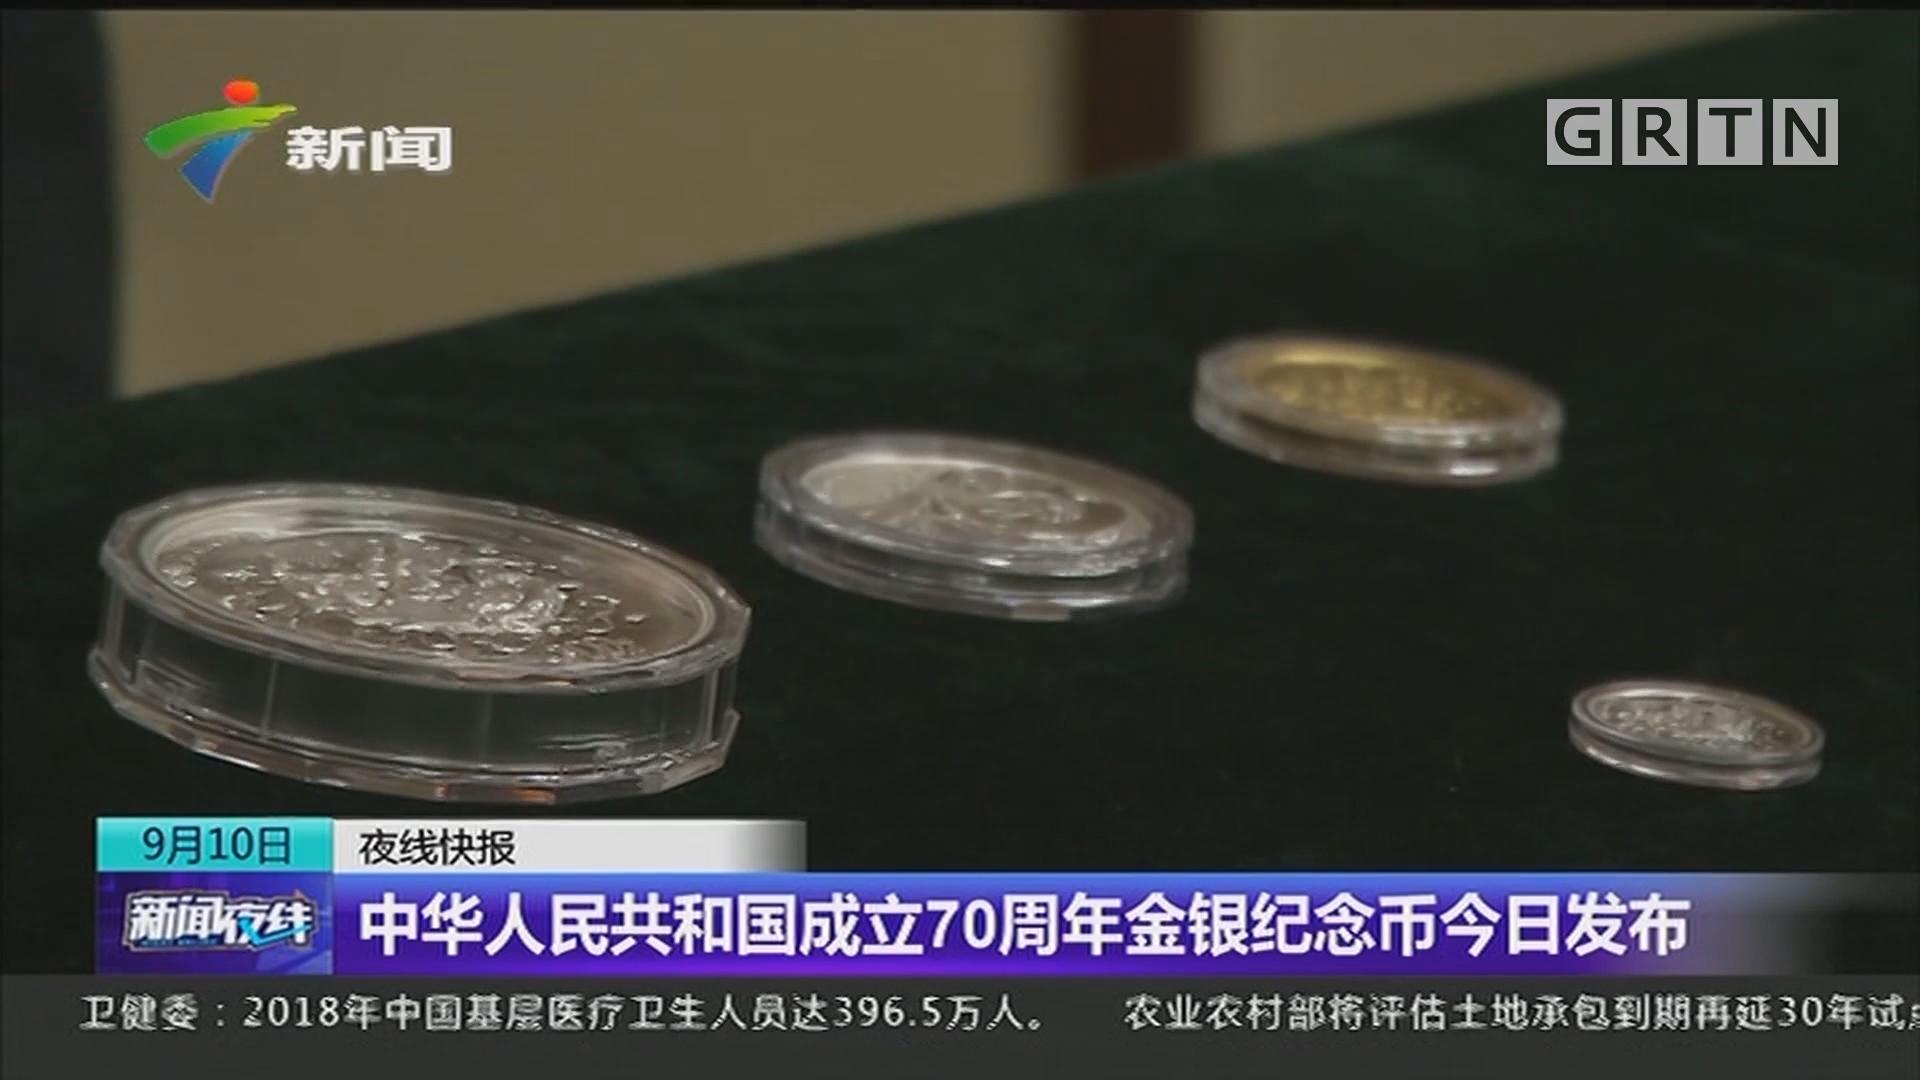 中华人民共和国成立70周年金银纪念币今日发布